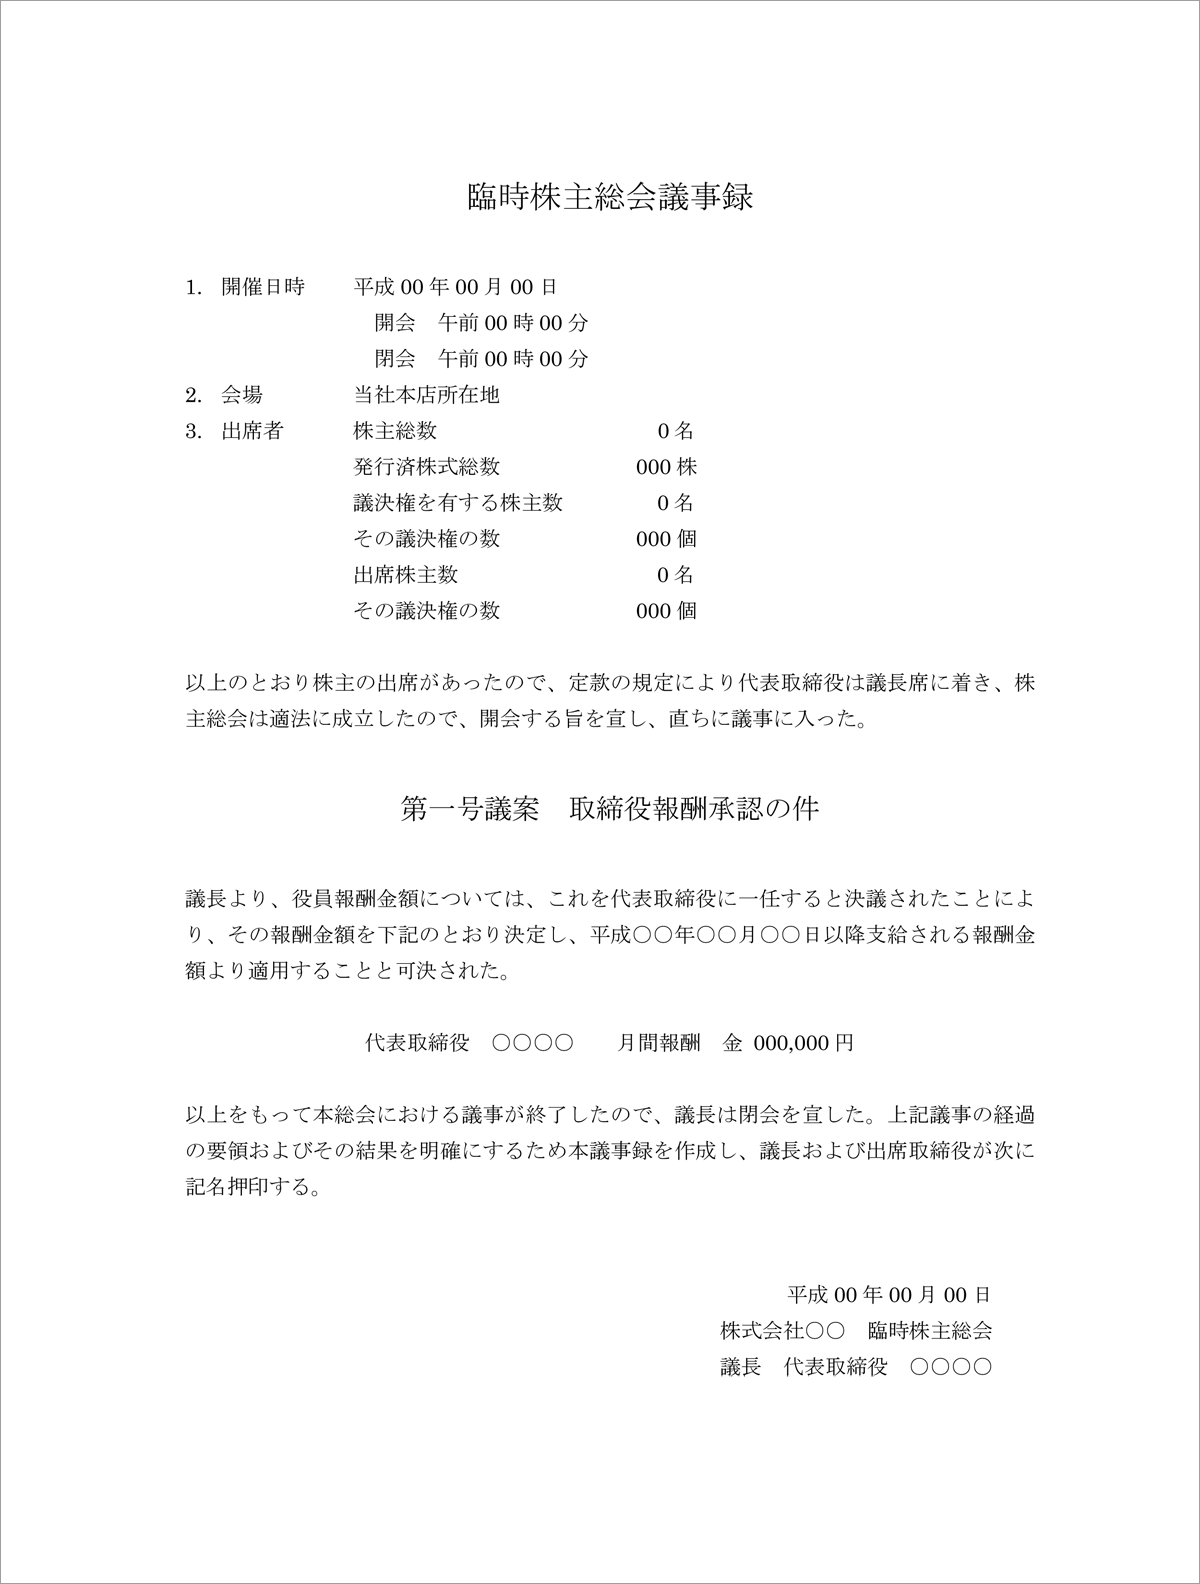 臨時株主総会の議事録ひな形